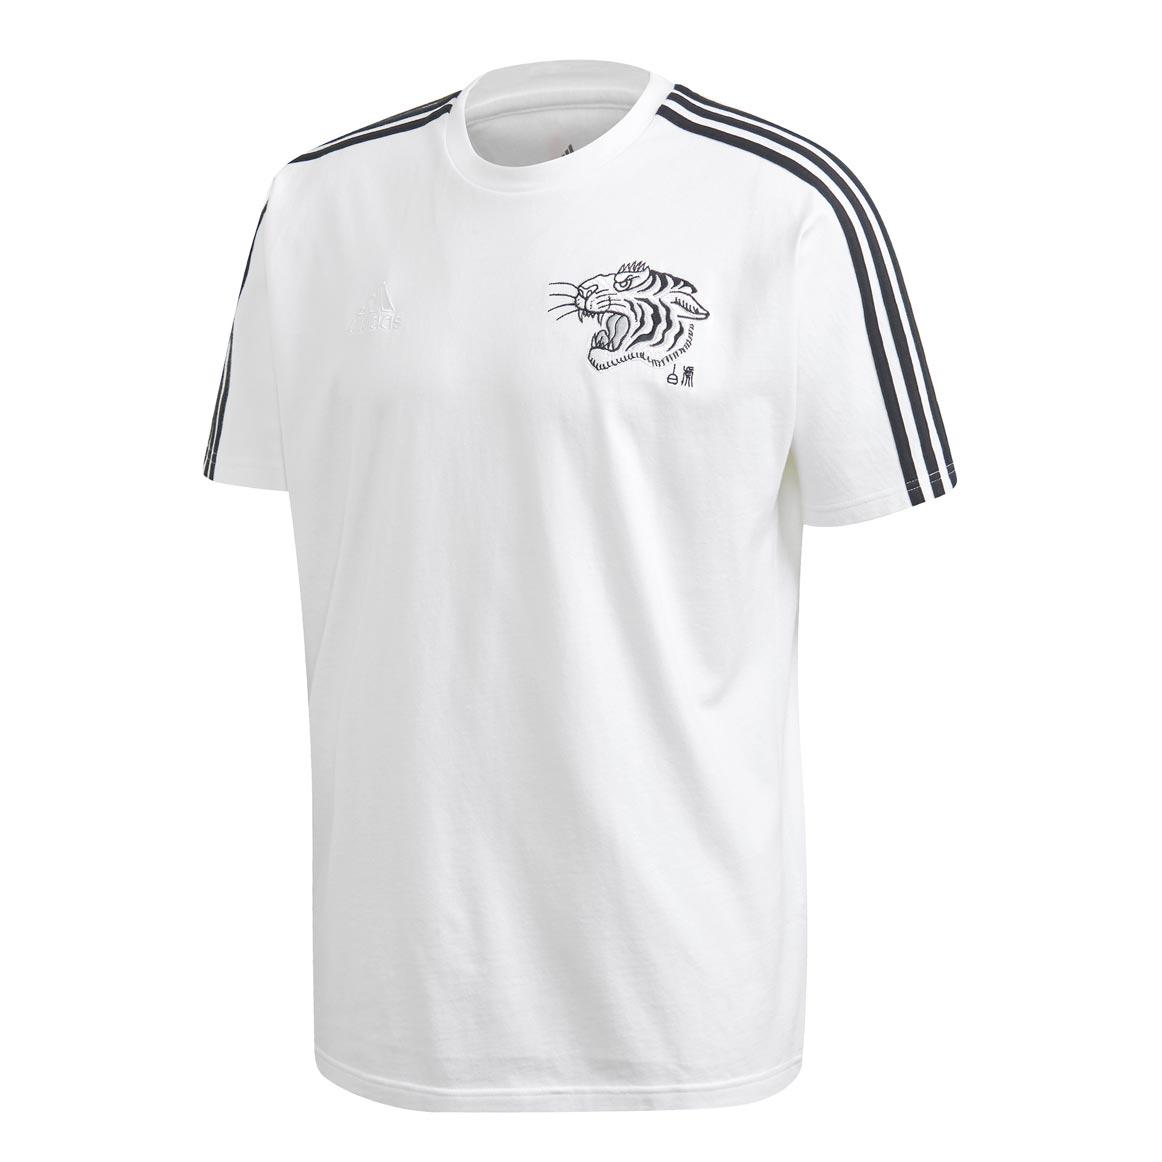 Adidas / Juventus Año Nuevo Chino Camiseta - Blanco